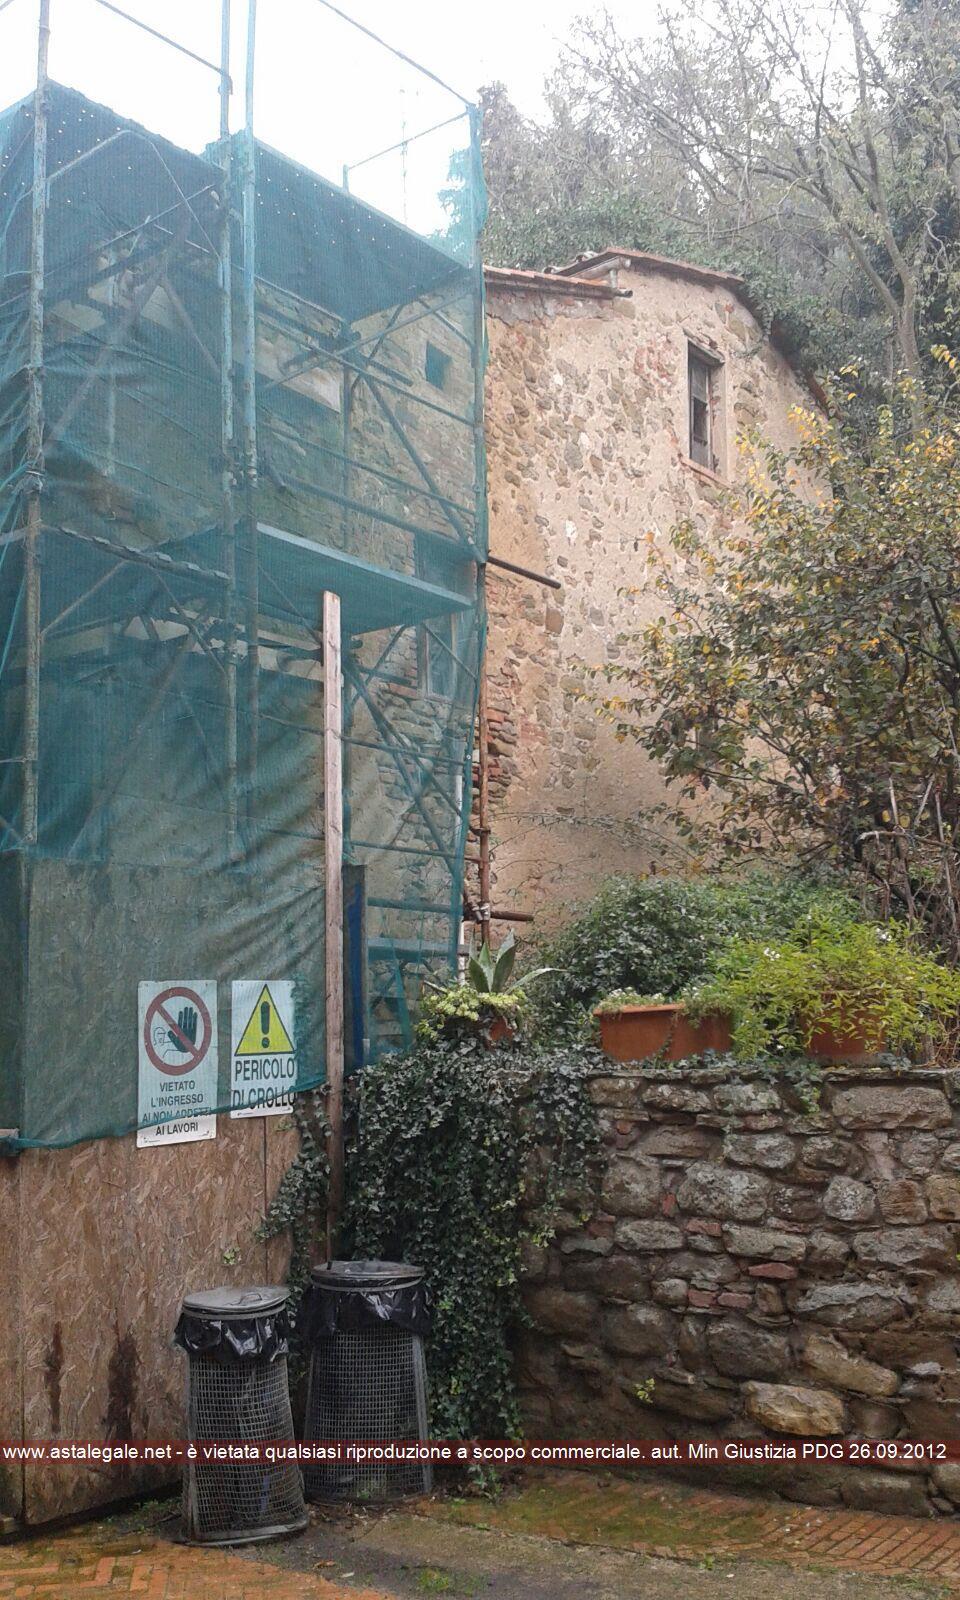 Passignano Sul Trasimeno (PG) Via Cappuccini